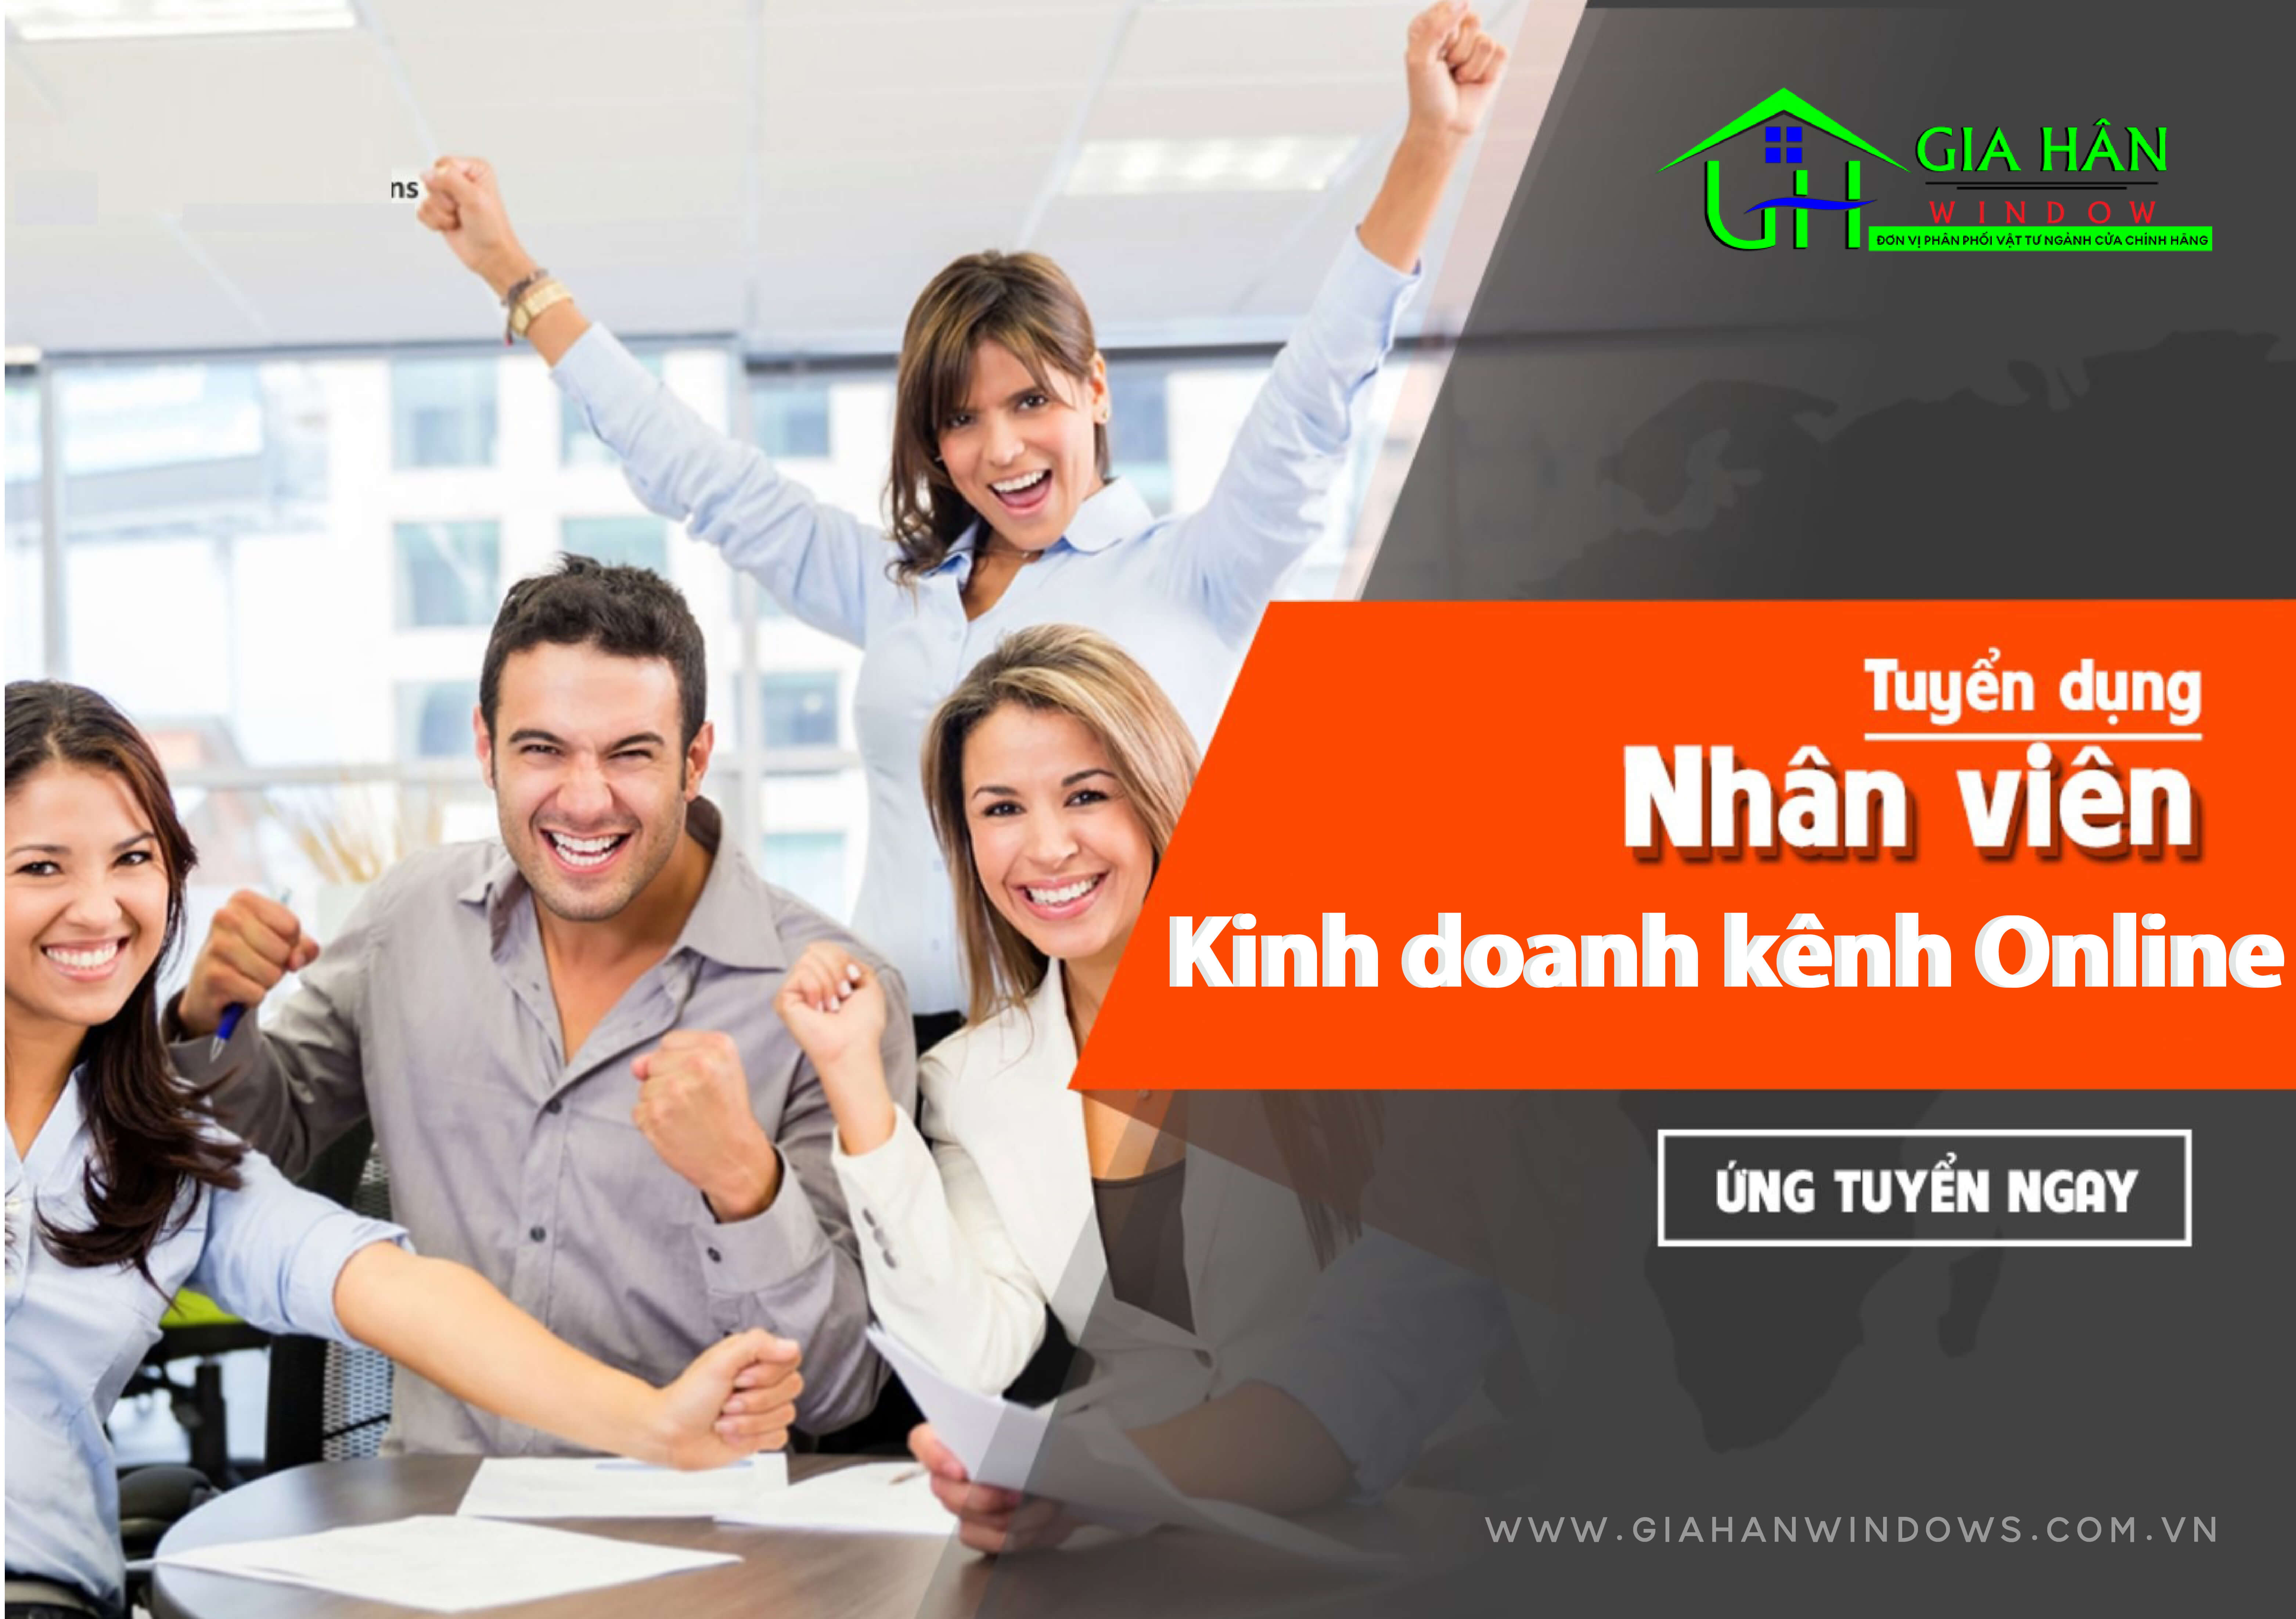 Tuyen Dung Nhan Vien Kinh Doanh Online Gia Han Window Final